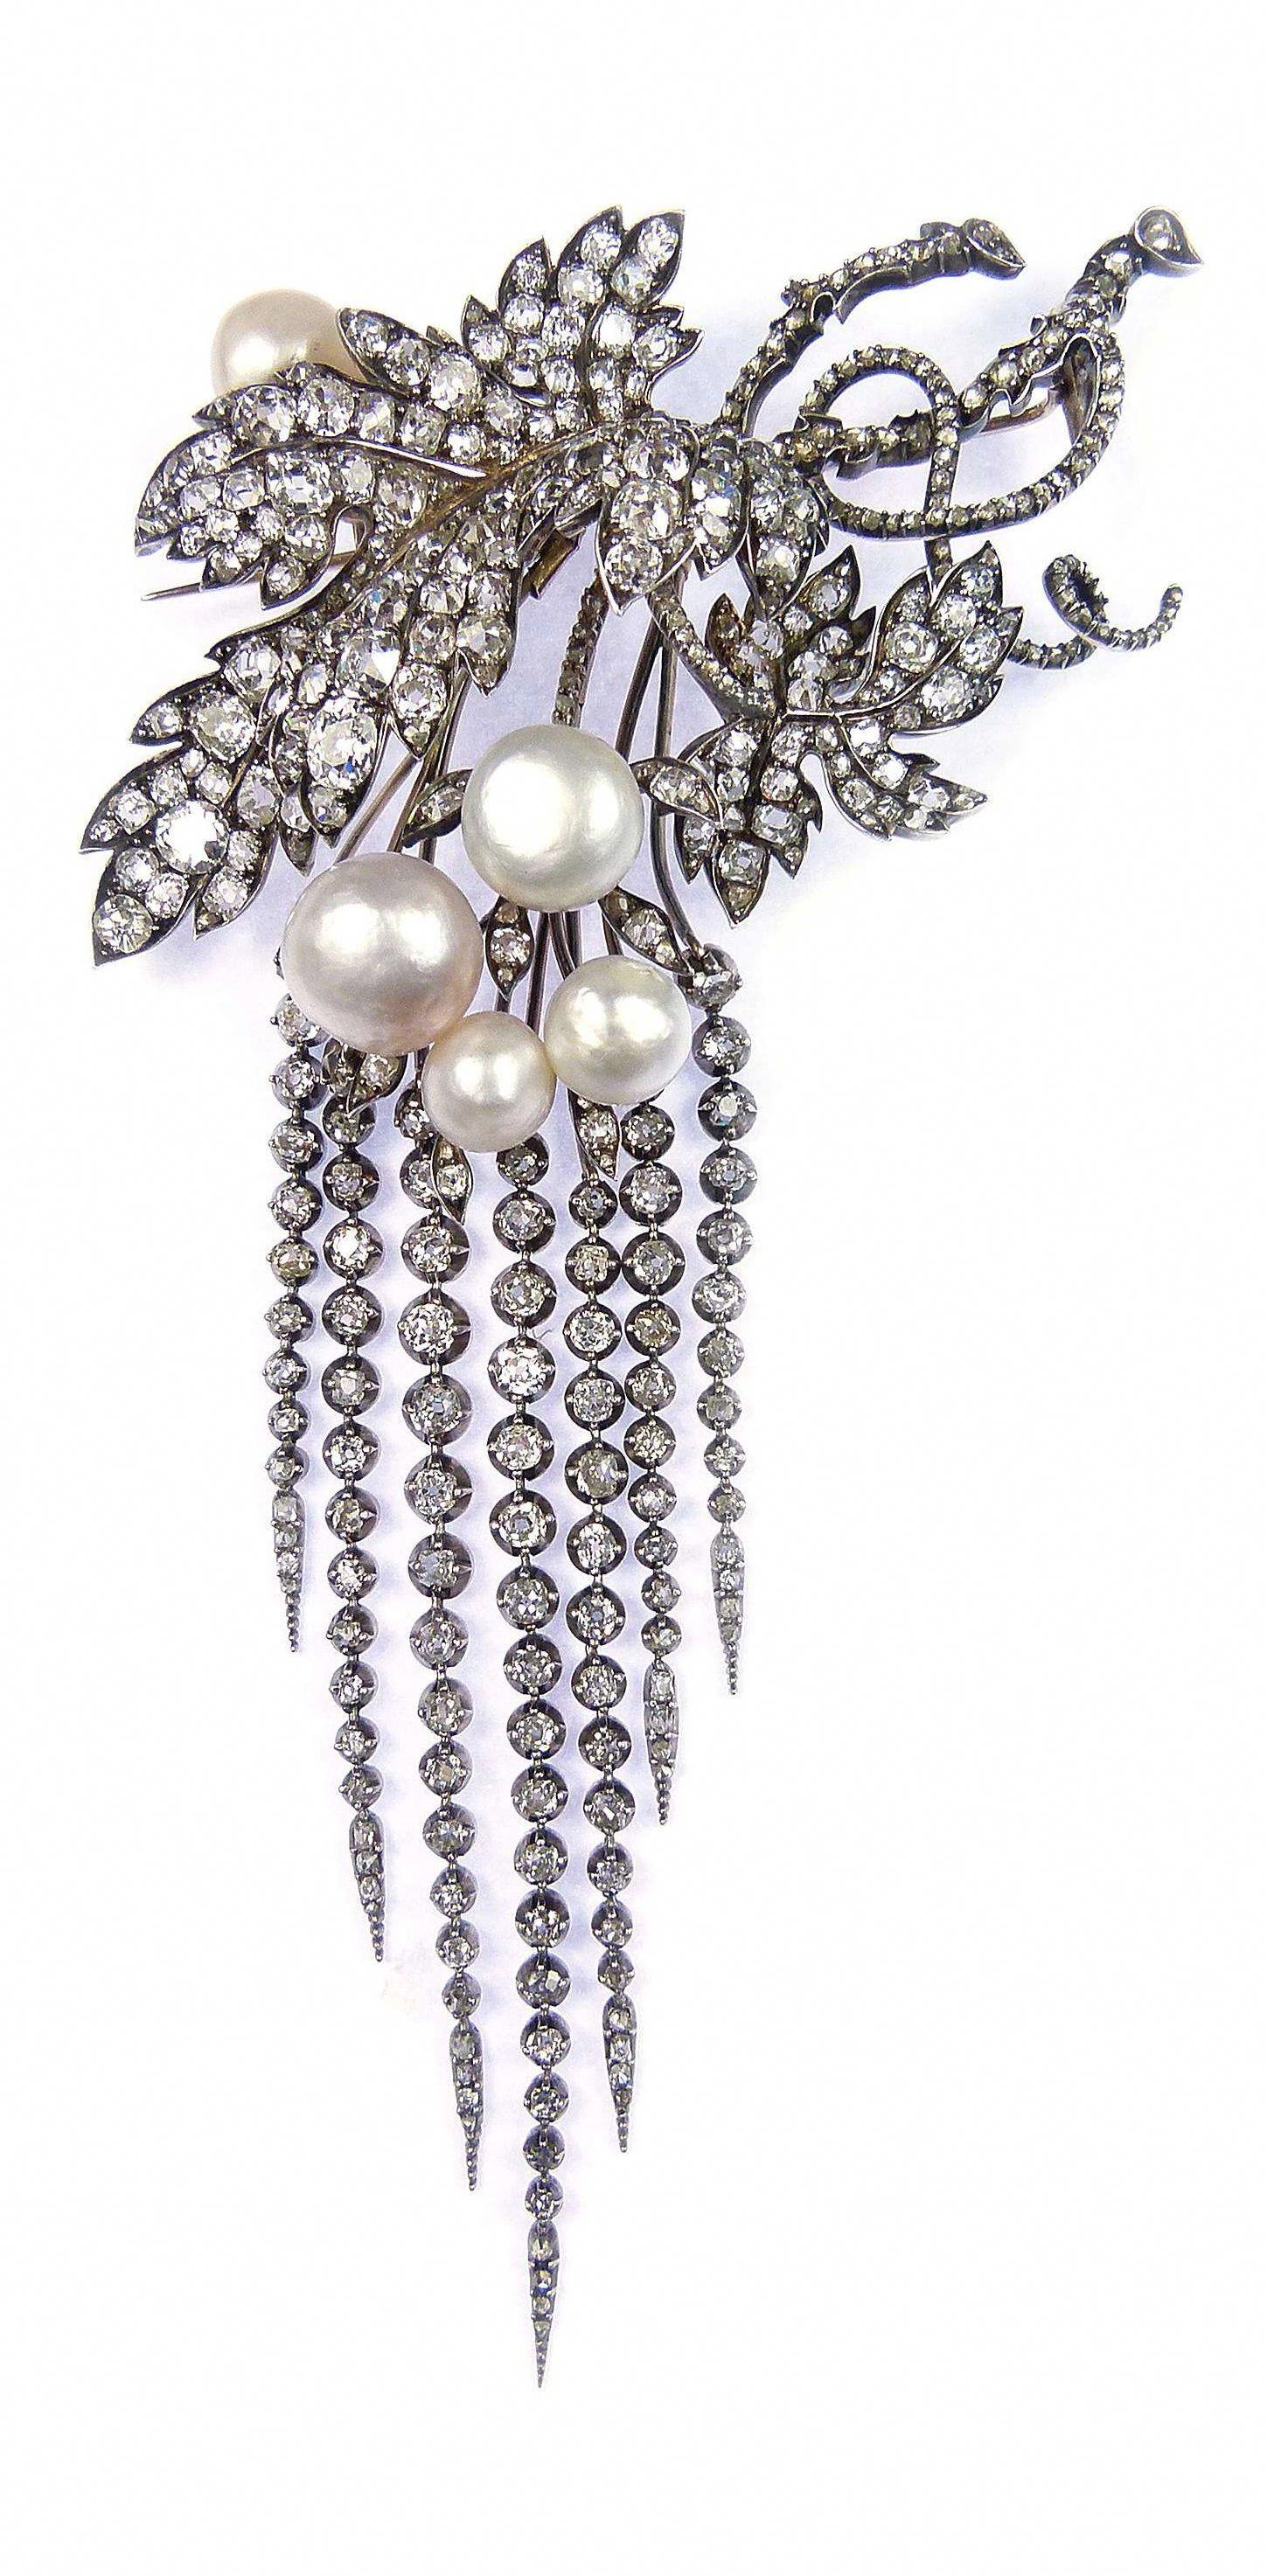 Japanese Jewellery Making Jewellery Meaning Malayalam Joias Perola